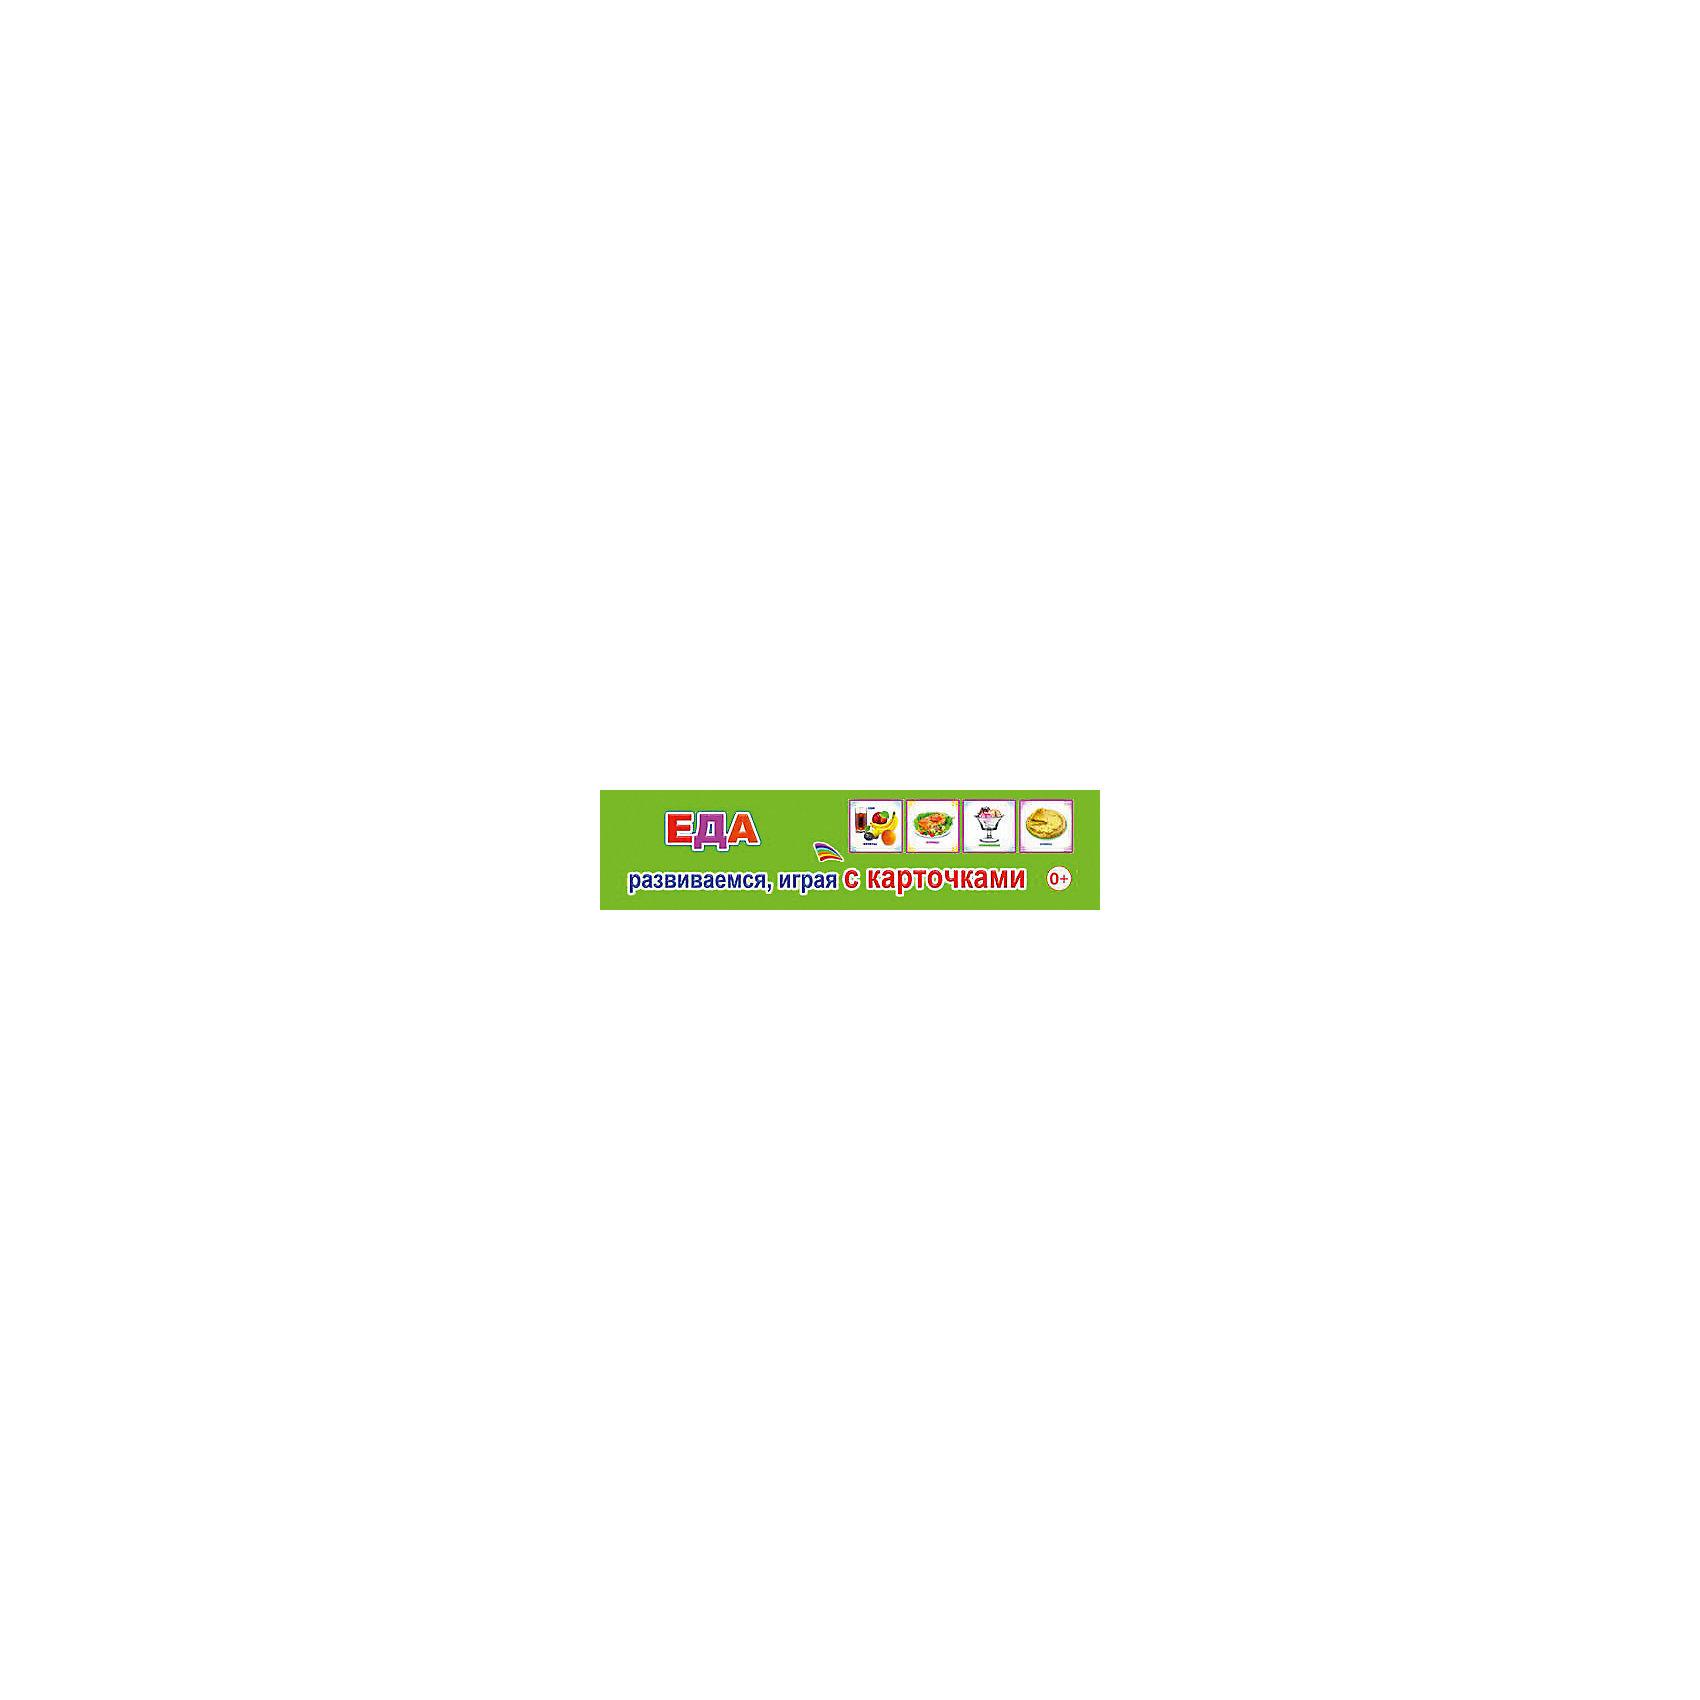 - Развивающие карточки Еда 1050ml сова обед коробка бенто еда безопасный пластик еда пикник контейнер портативная коробка